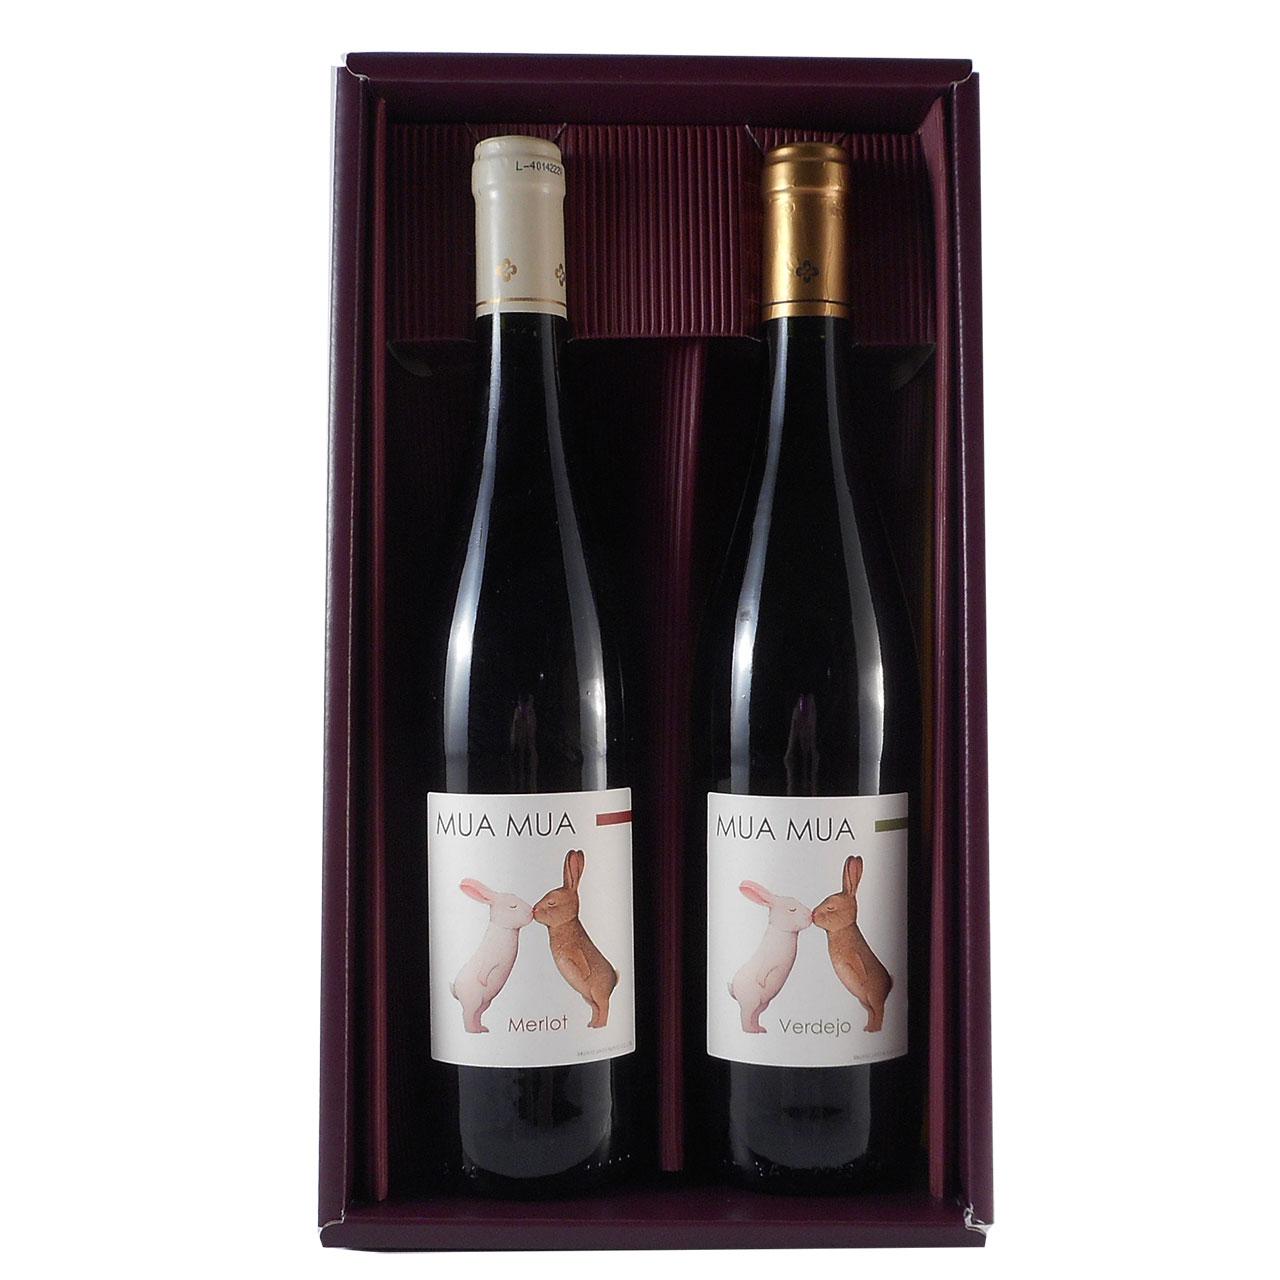 遅れてごめんね 父の日 ギフト ワイン ギフトセット ムアムア ブランコ ティント うさぎのラベルが可愛いワインセット 赤白2本 ギフトセット 750ml スペイン 赤ワイン 白ワイン 送料無料 楽ギフ_のし 結婚祝い 内祝 バレンタイン